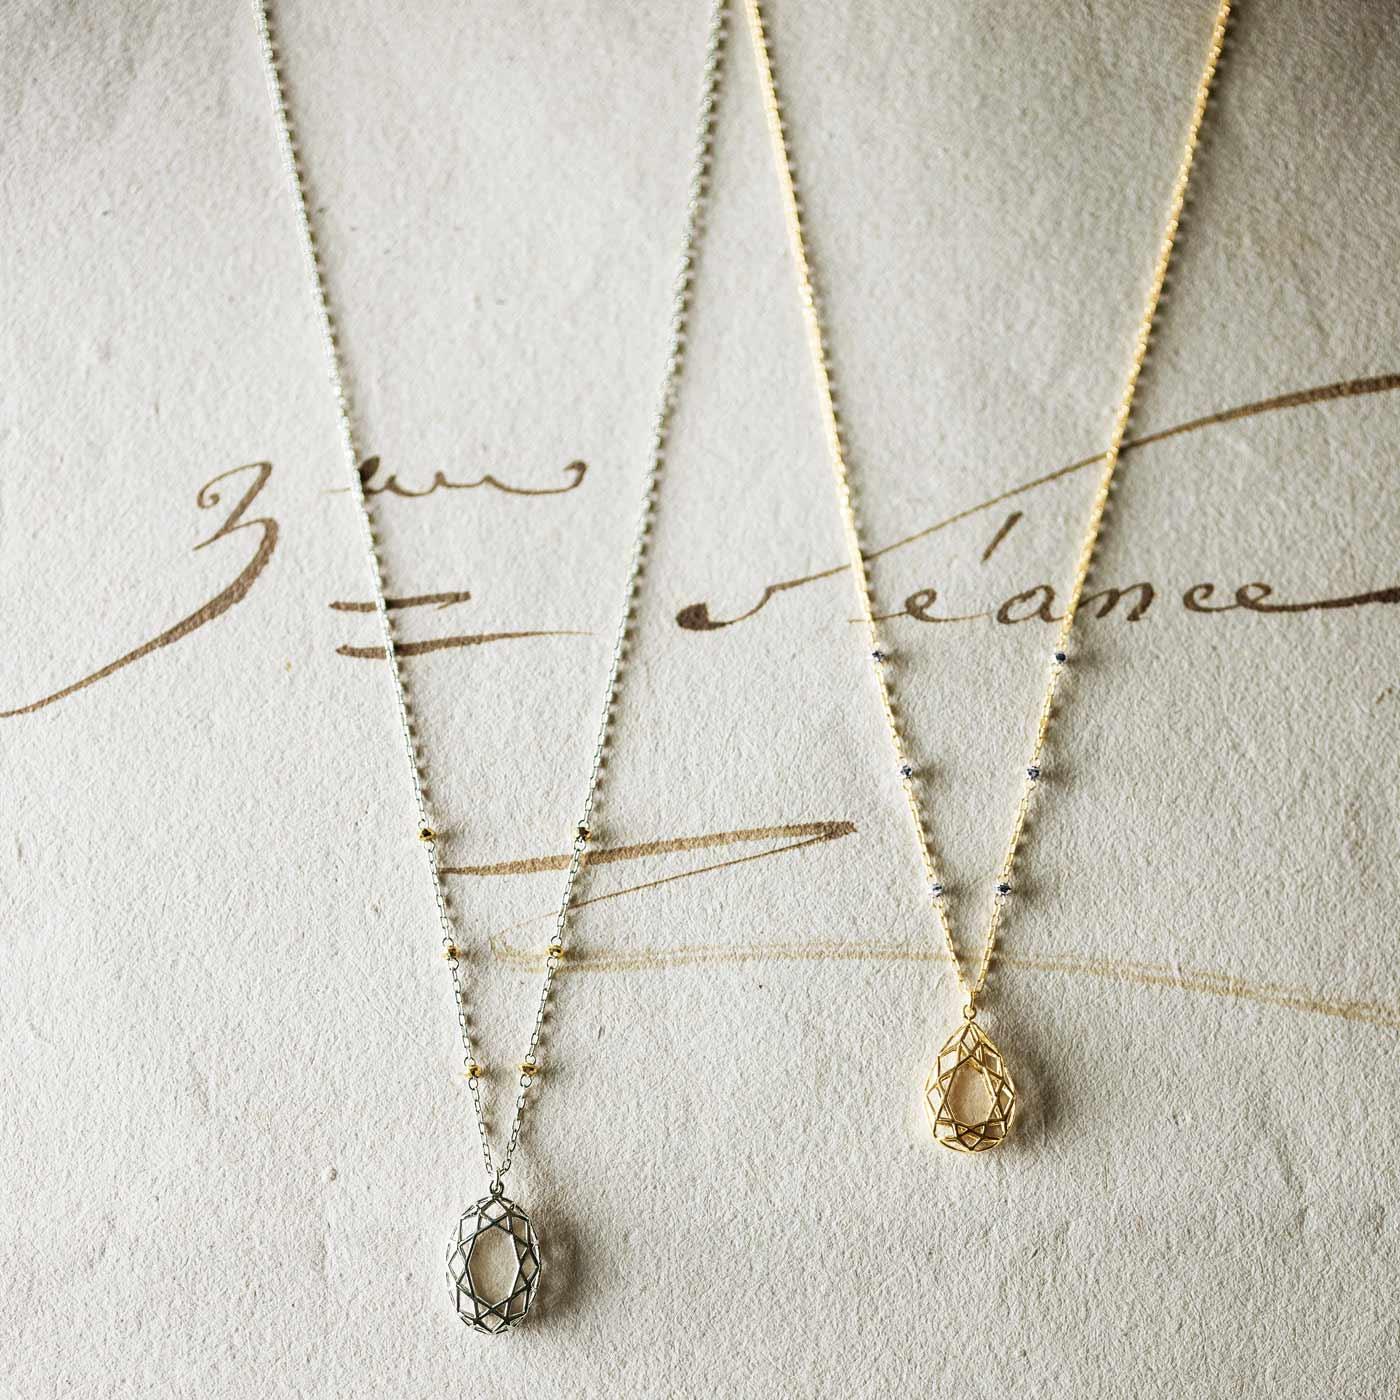 【3月お届け】 ホワイトゴールドの輝き きらめくビジューモチーフのネックレス